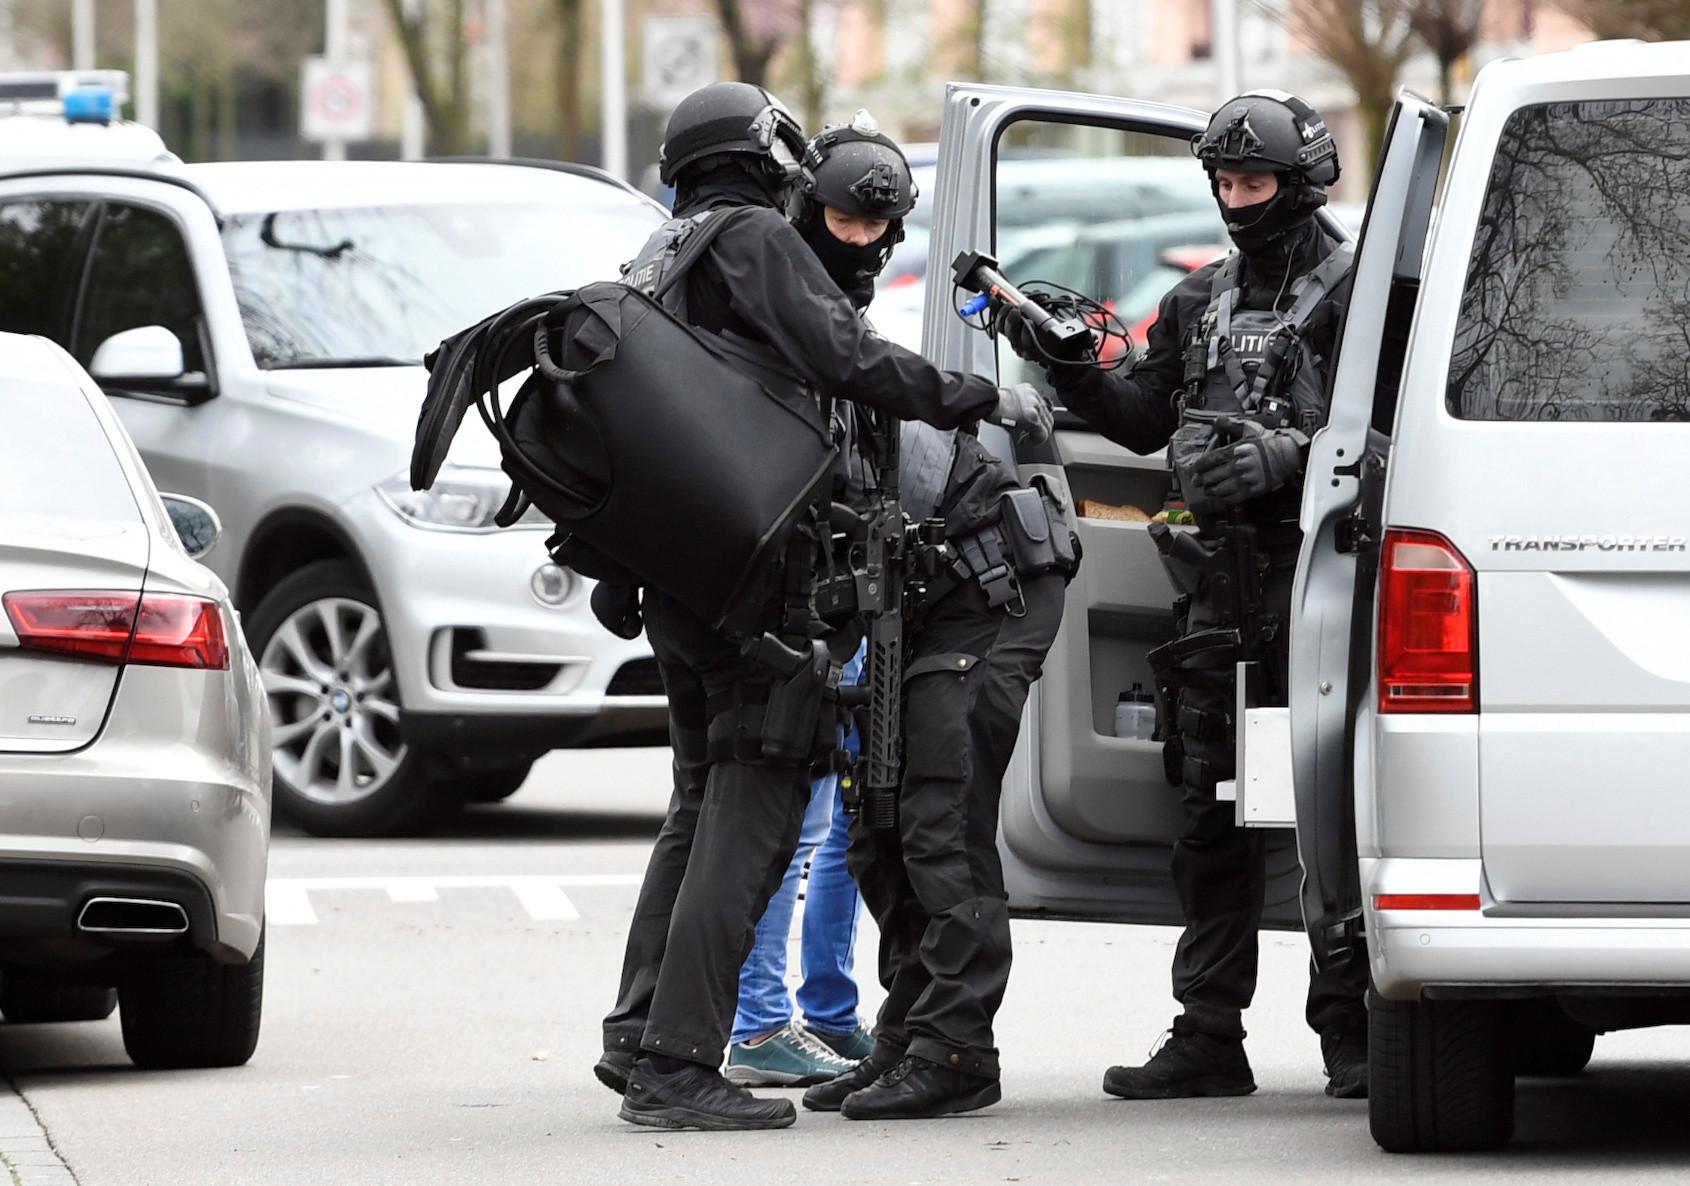 Holanda: Três dos cinco feridos estão em estado crítico